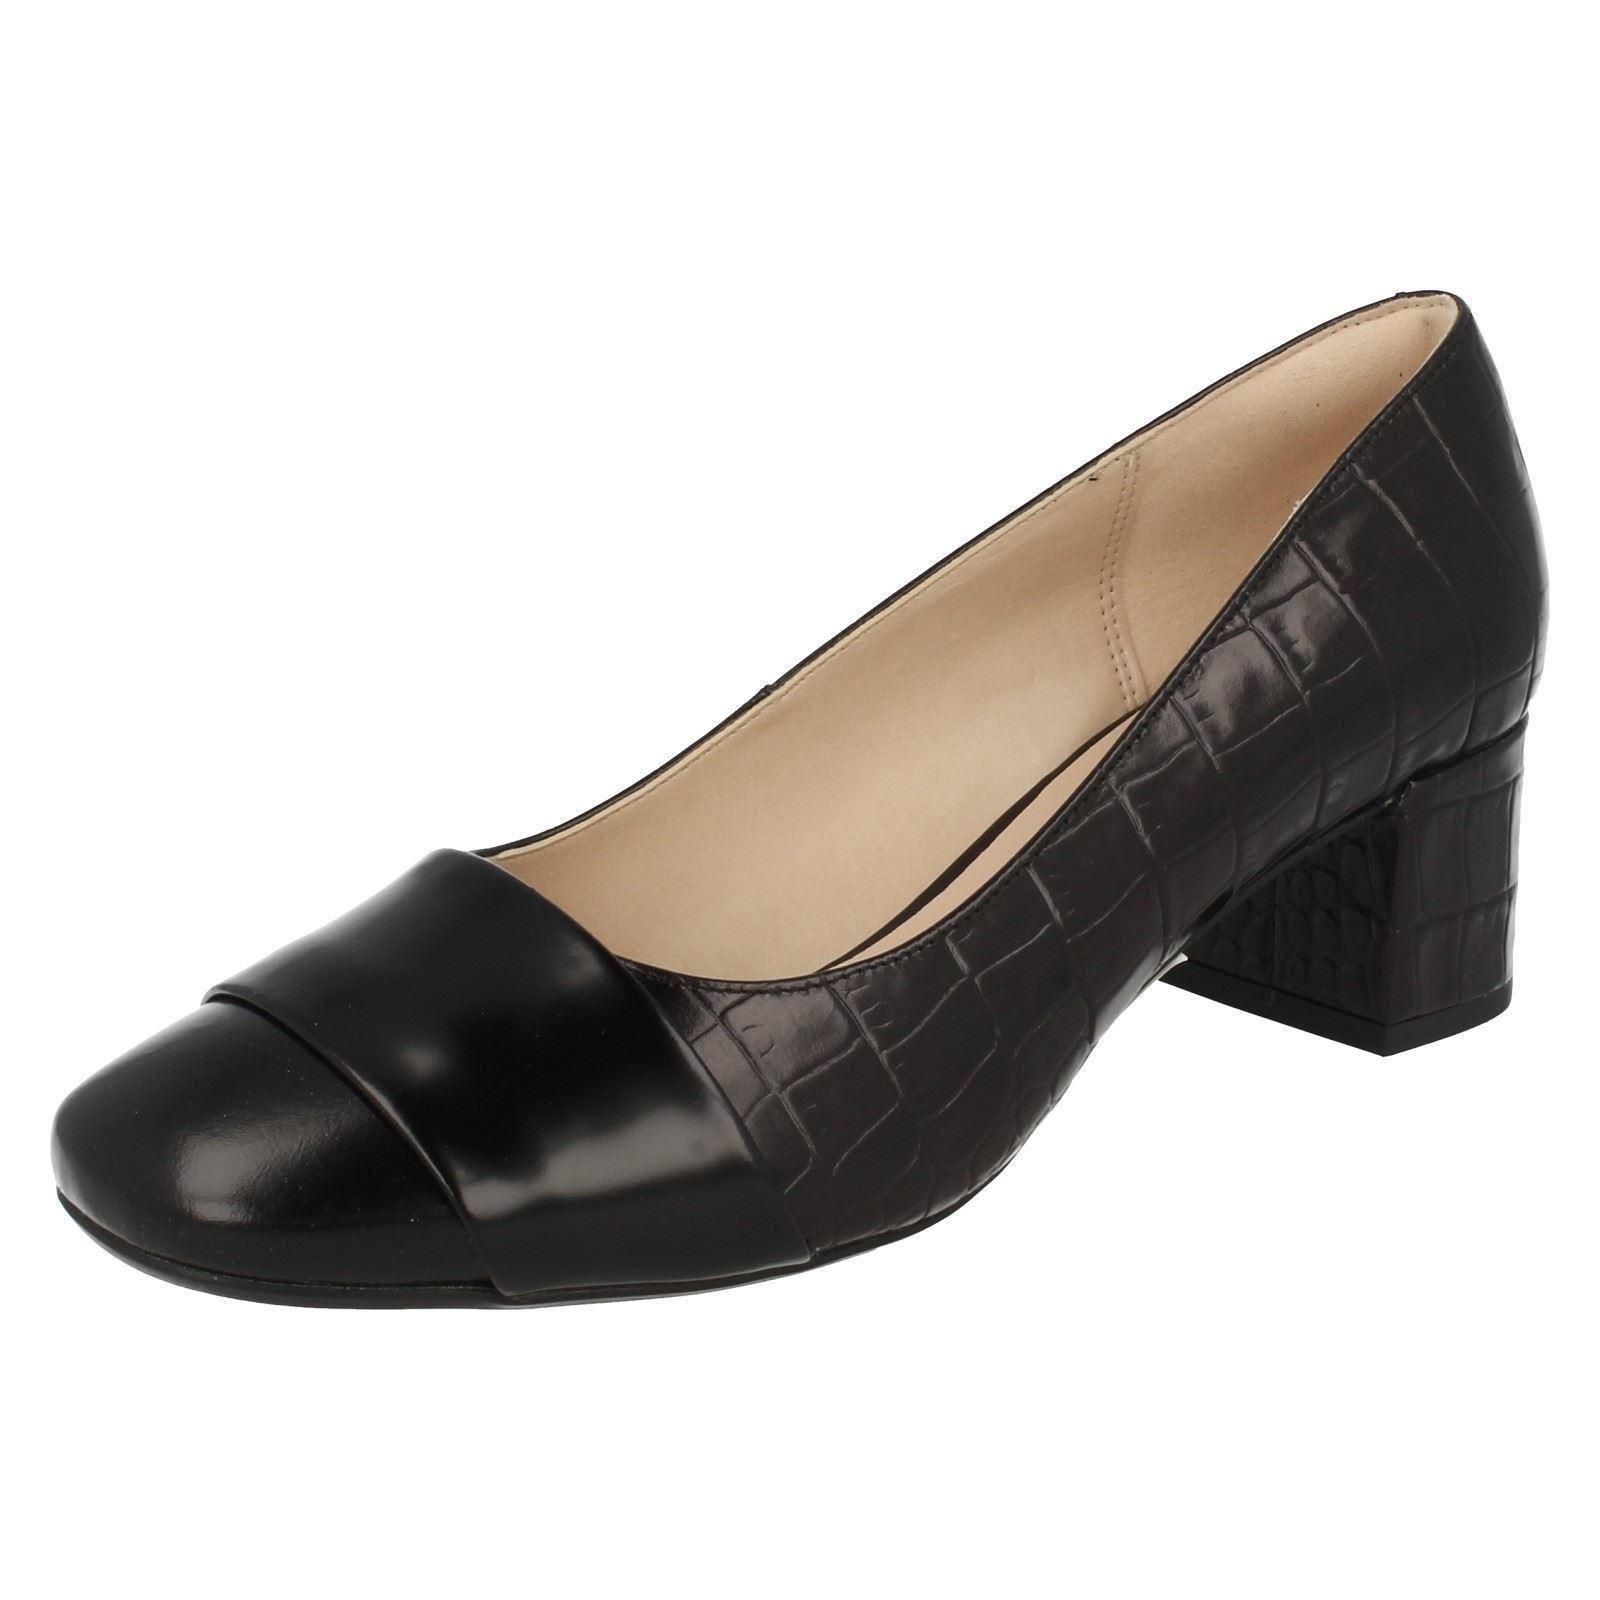 Ladies Clarks Chinaberry Chinaberry Chinaberry Sky Smart Court Shoes d8fed1